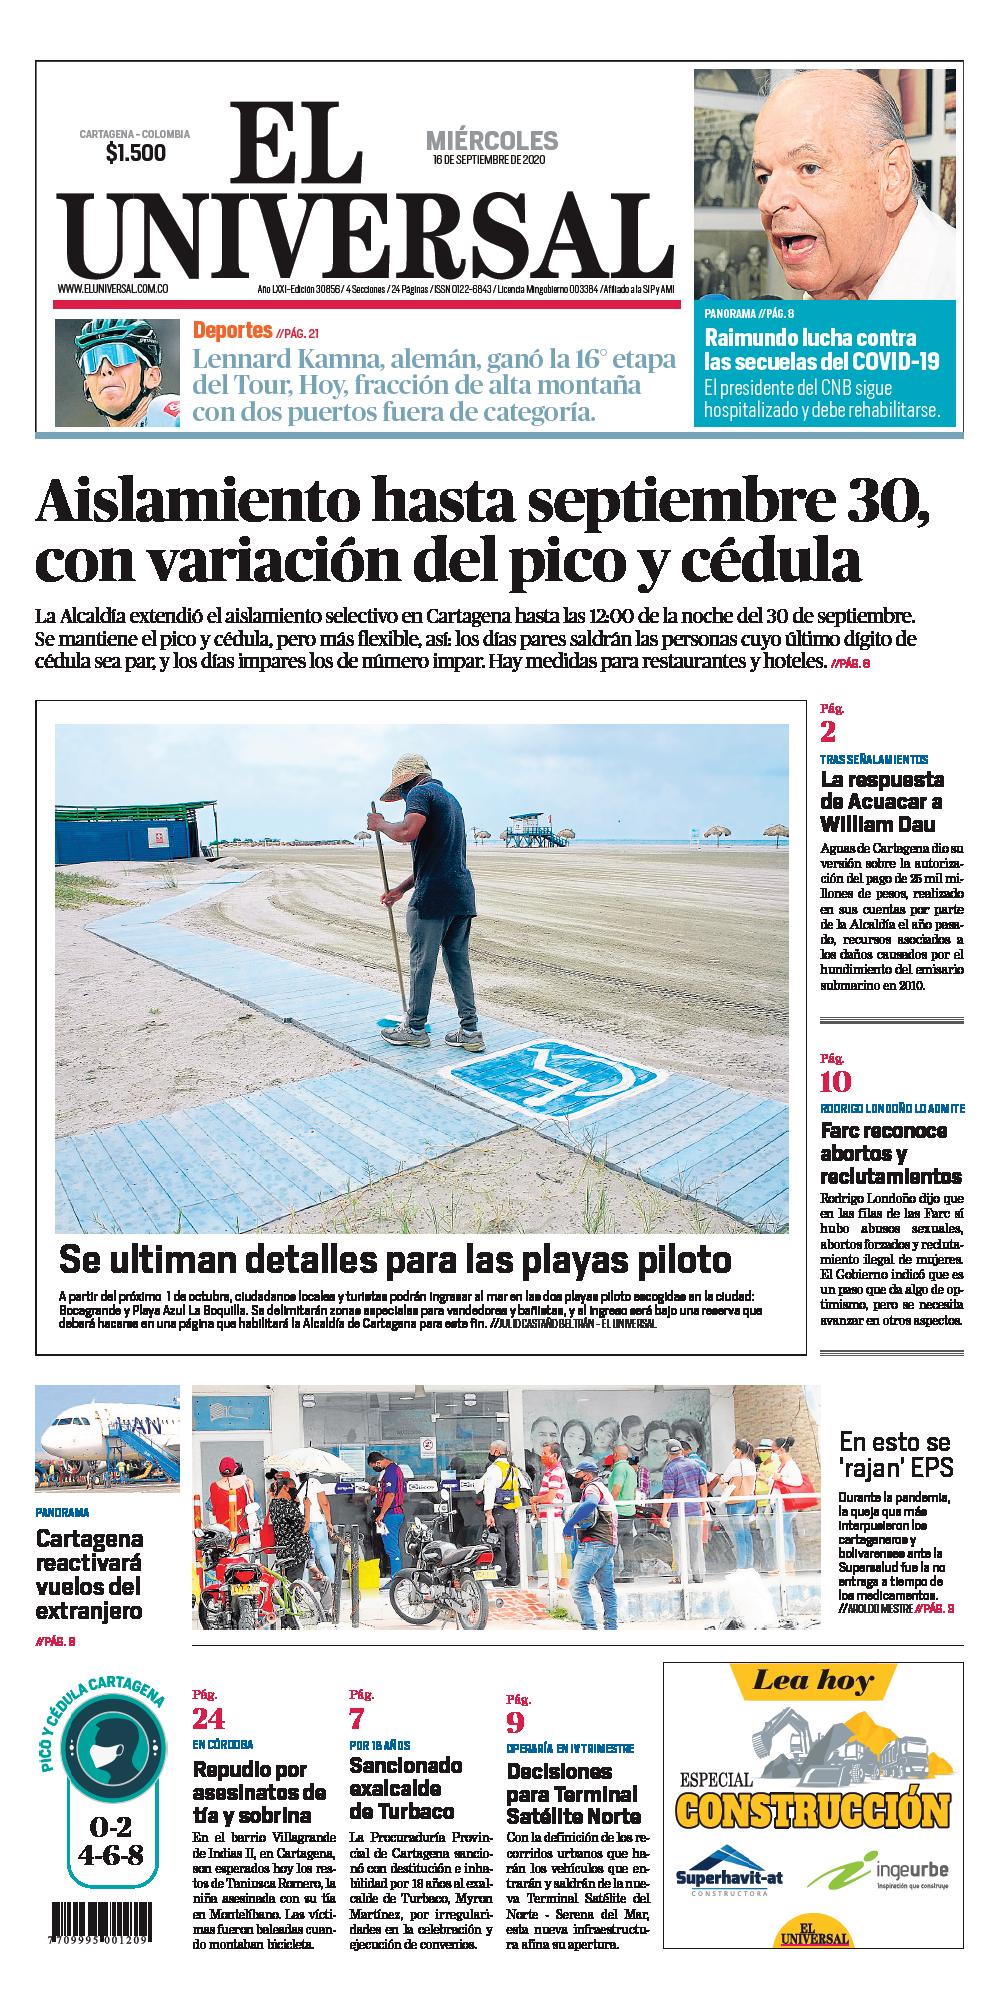 Imagen EU 16-09-2020-Página 1-UNICA